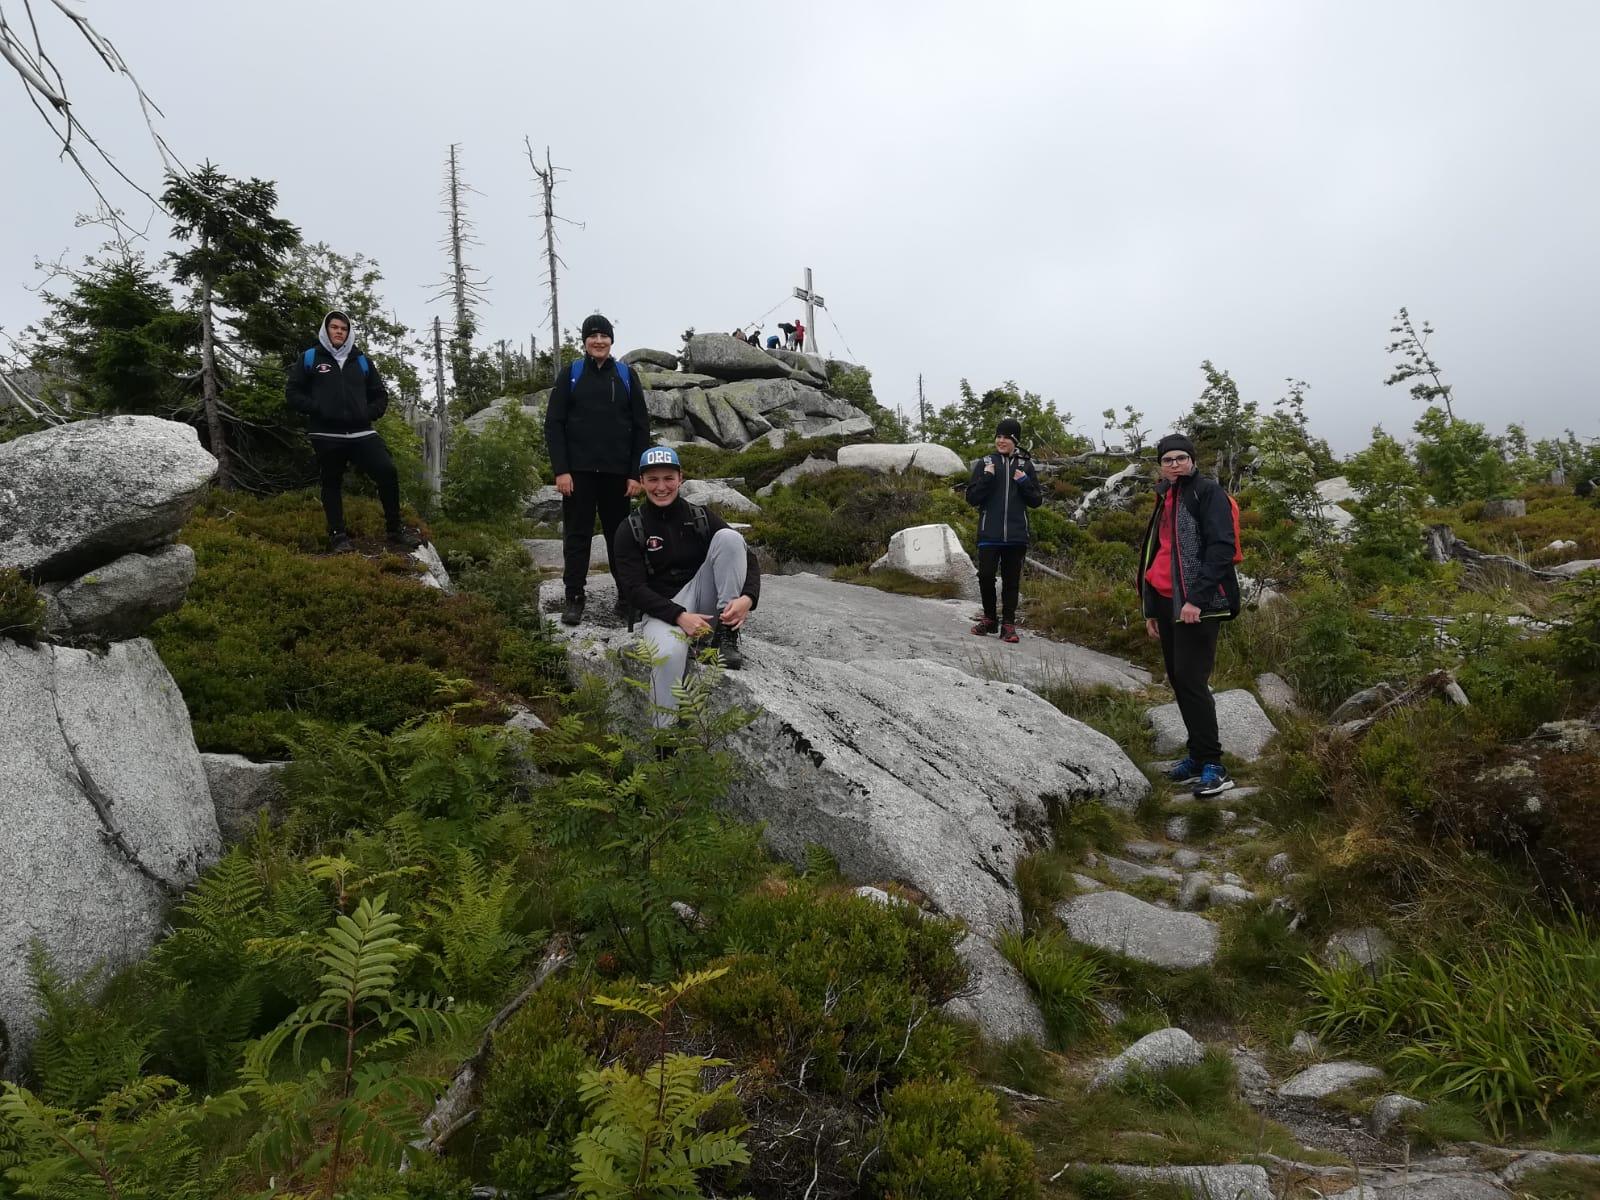 Wanderung - Unsere Jugendlichen